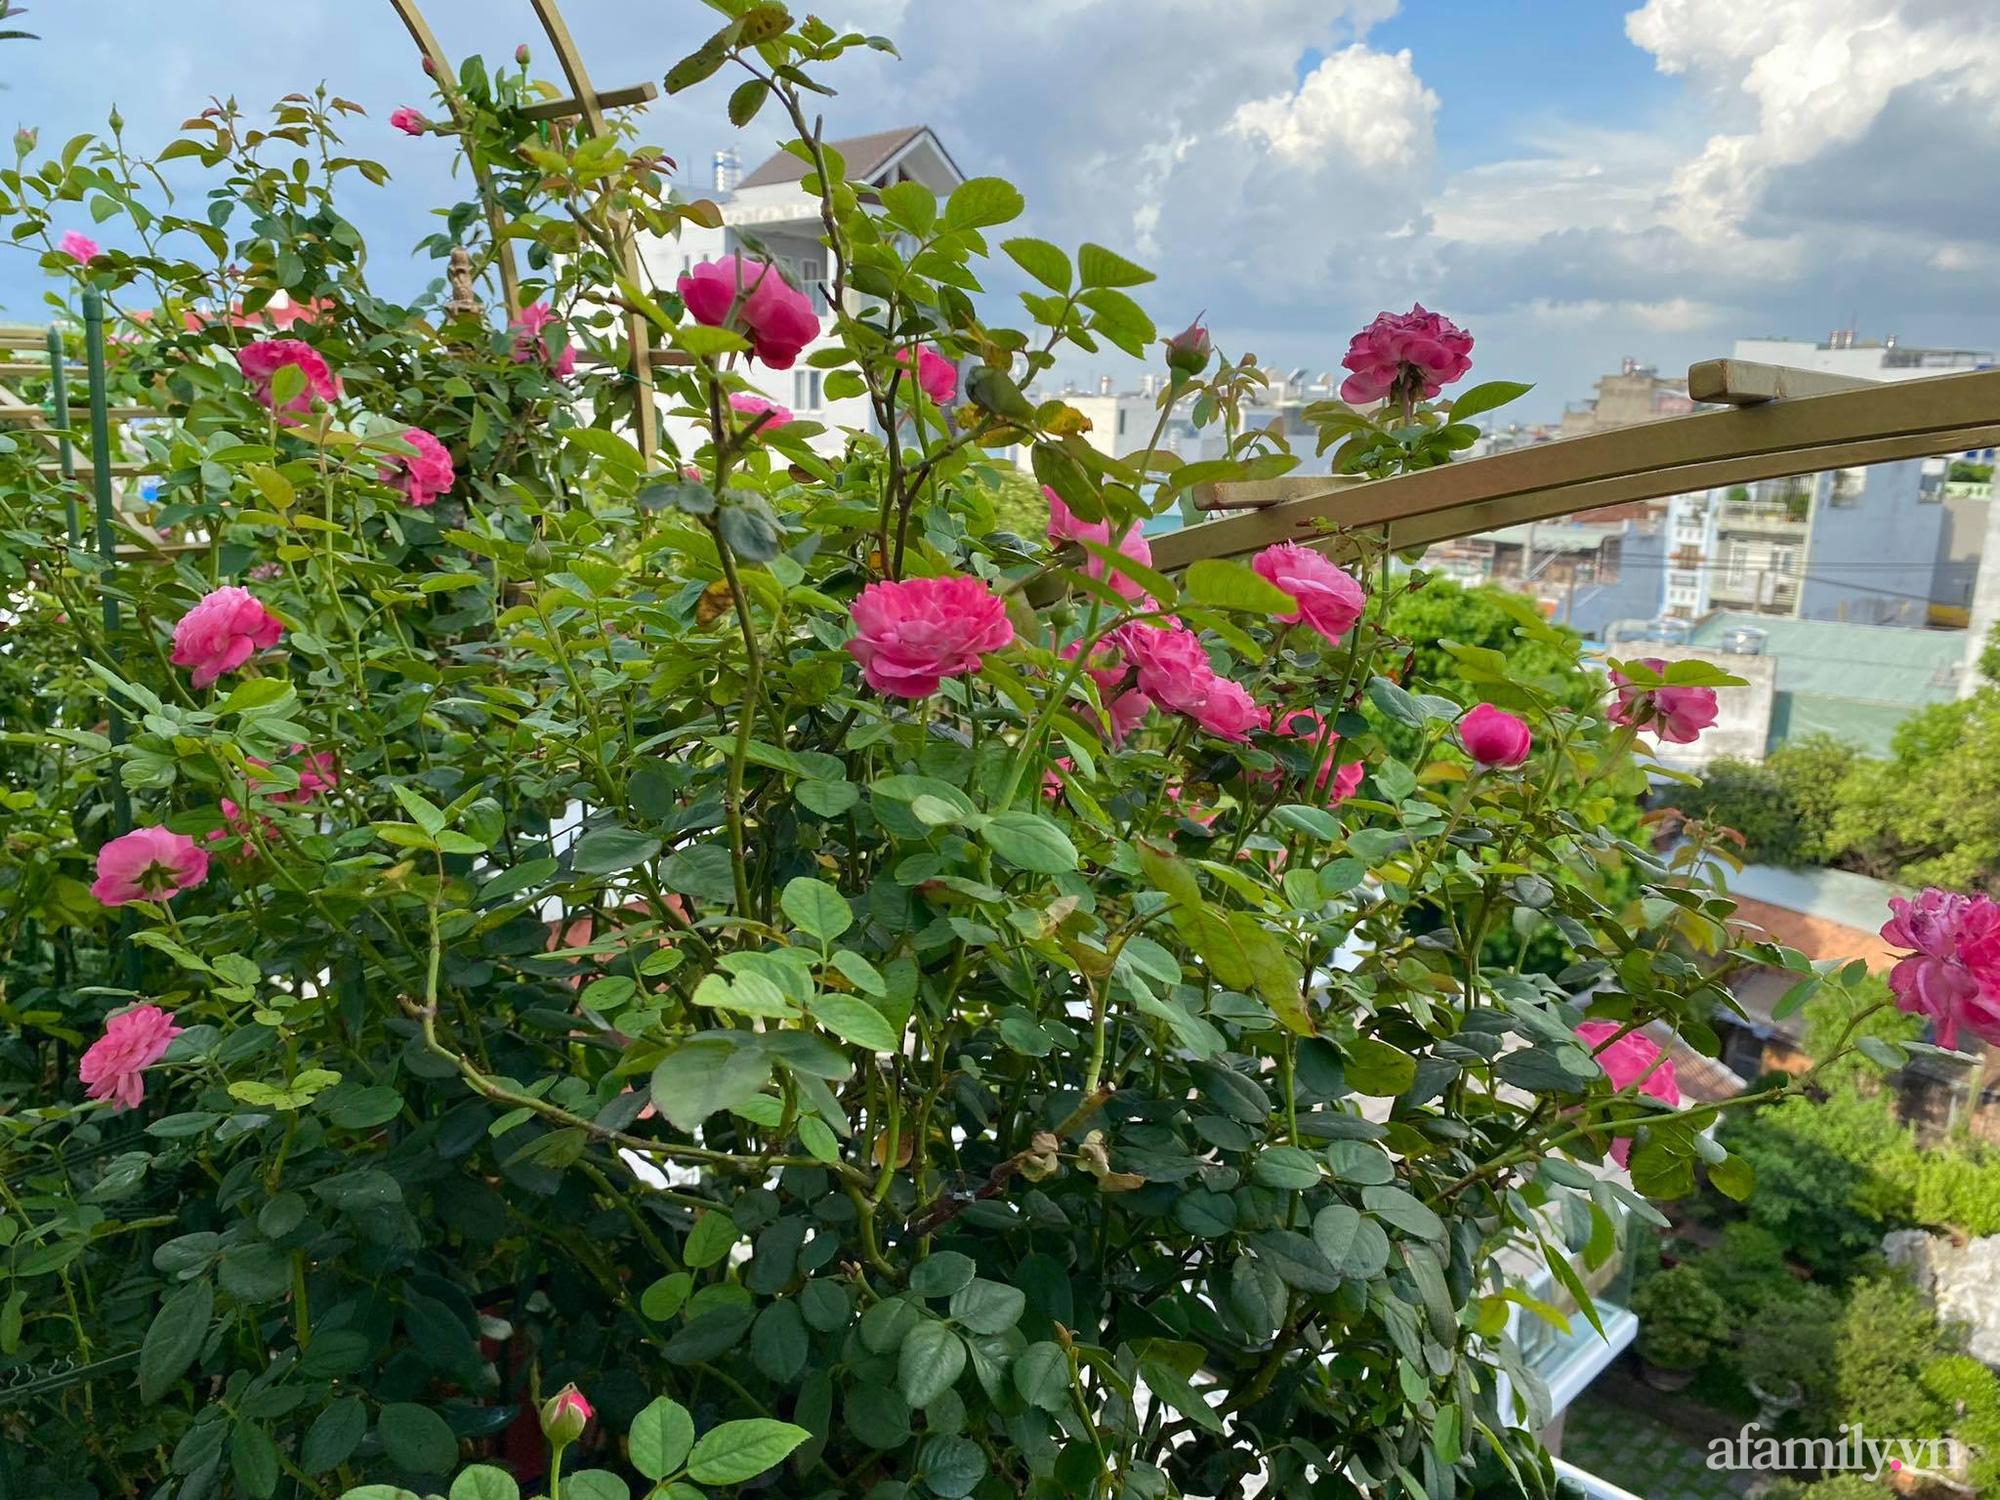 Sân thượng phủ kín hoa hồng và rau quả sạch được chăm chút nhờ bàn tay khéo léo của Hoa hậu Janny Thủy Trần - Ảnh 5.